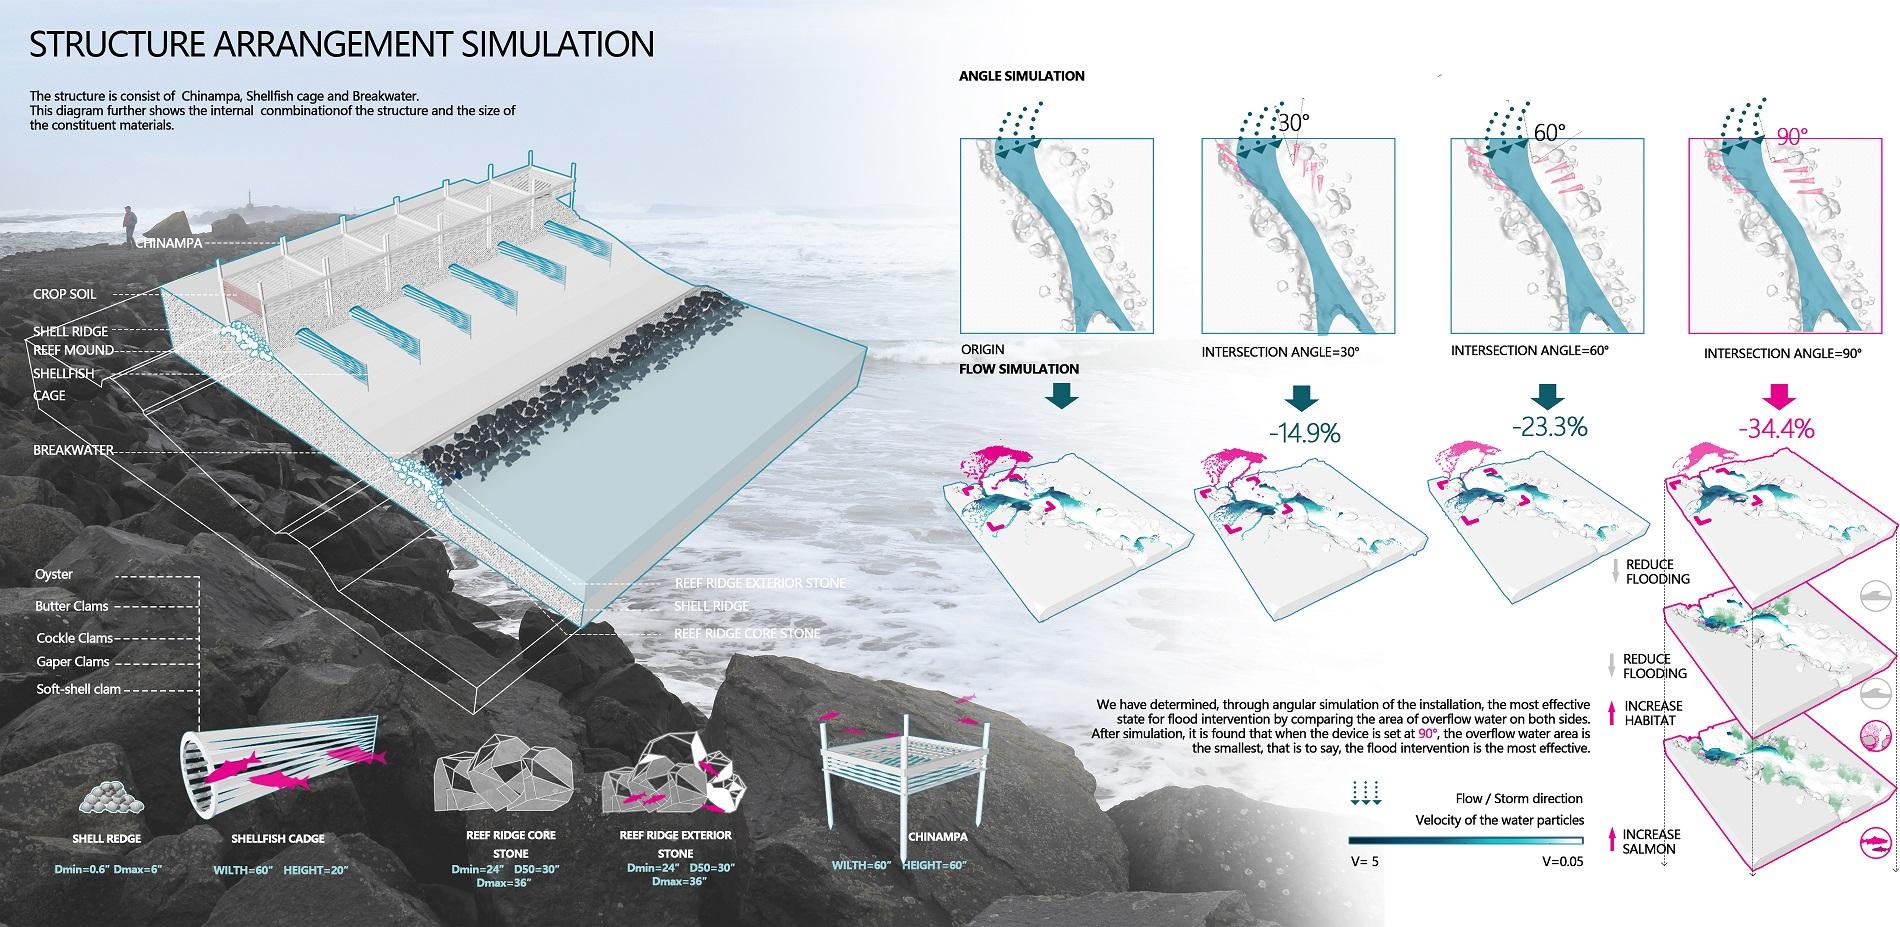 Structure arrangement simulation